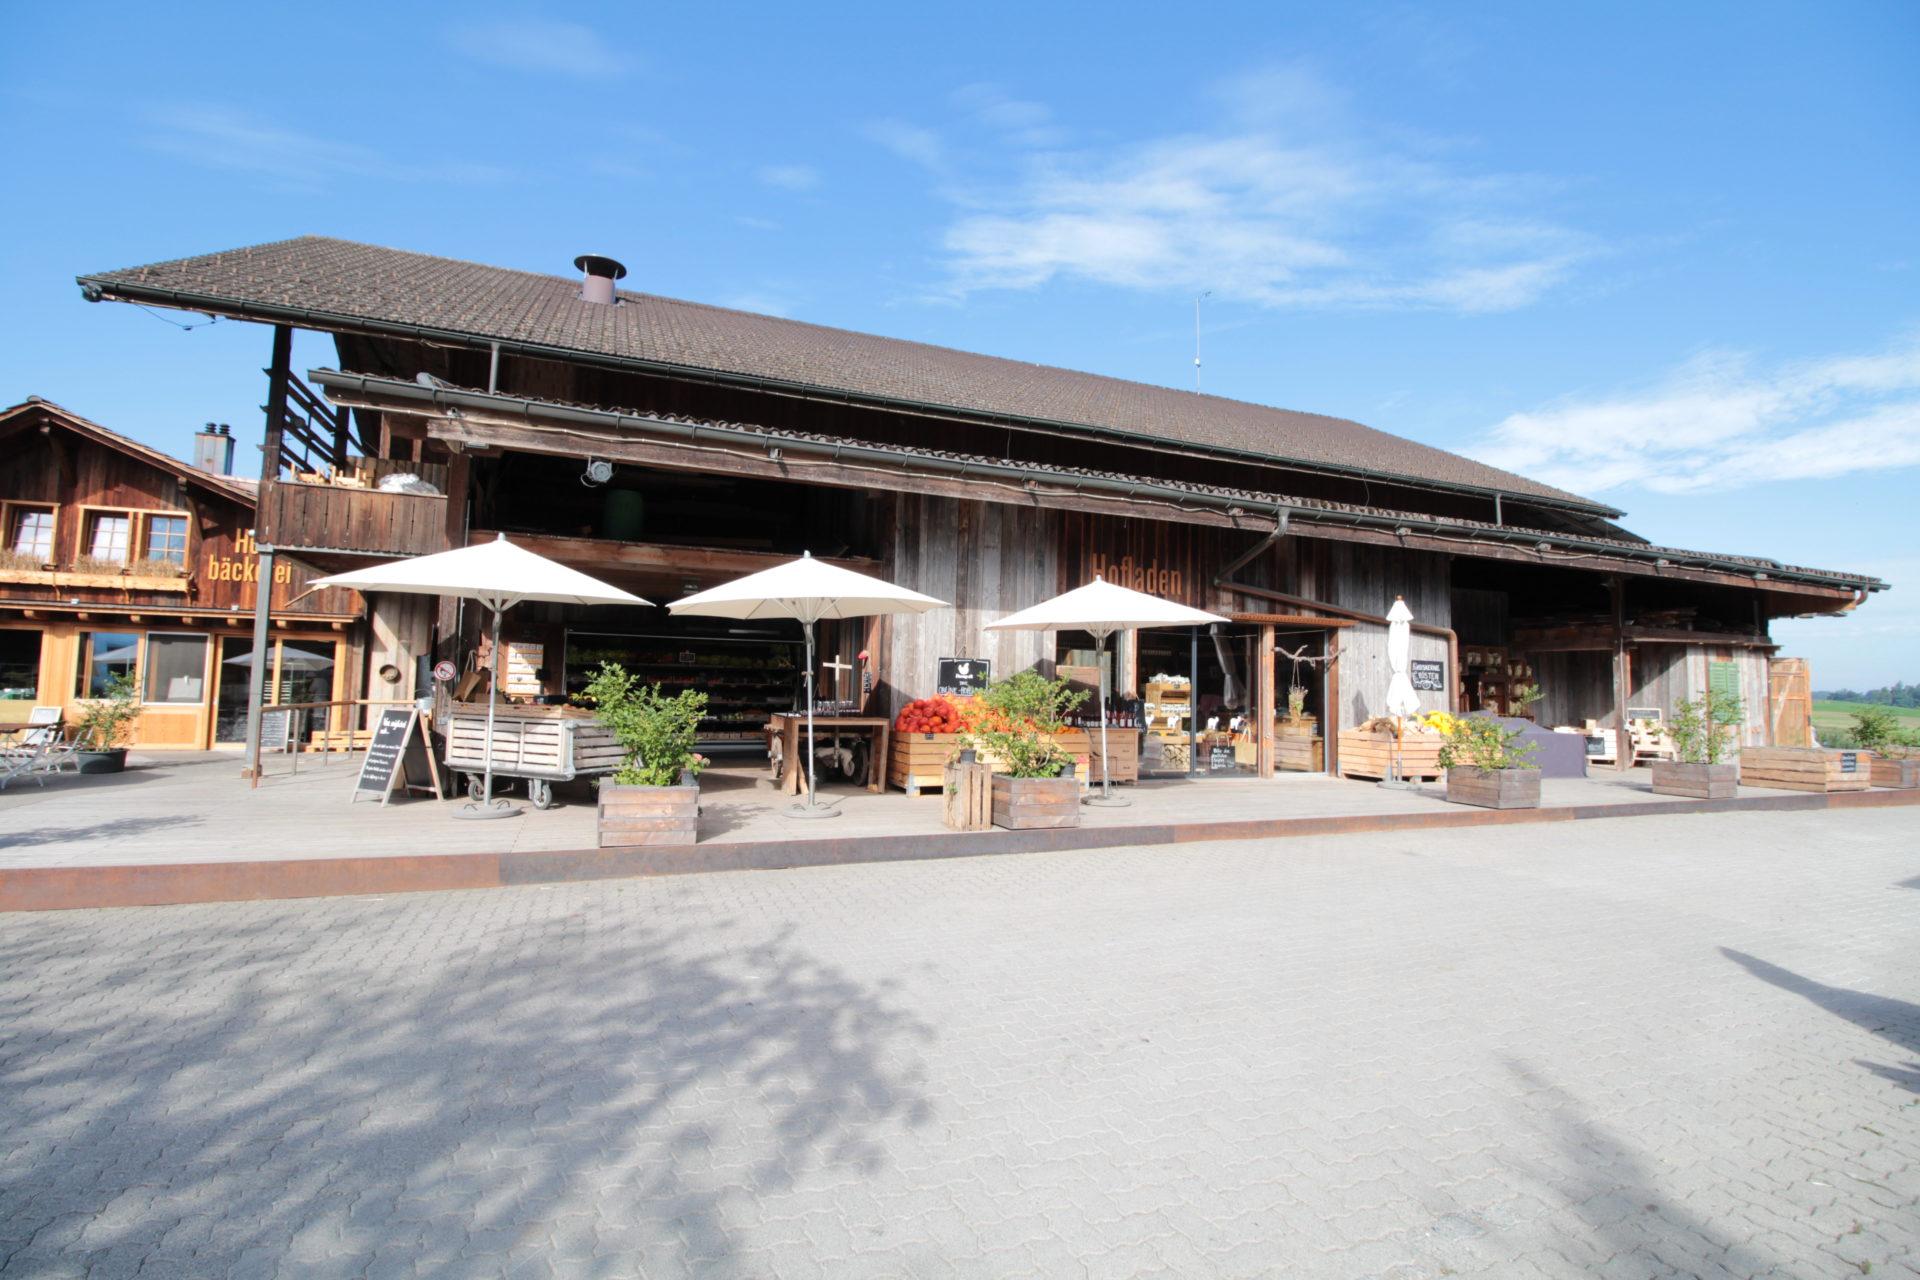 Juckerhof Hofladen